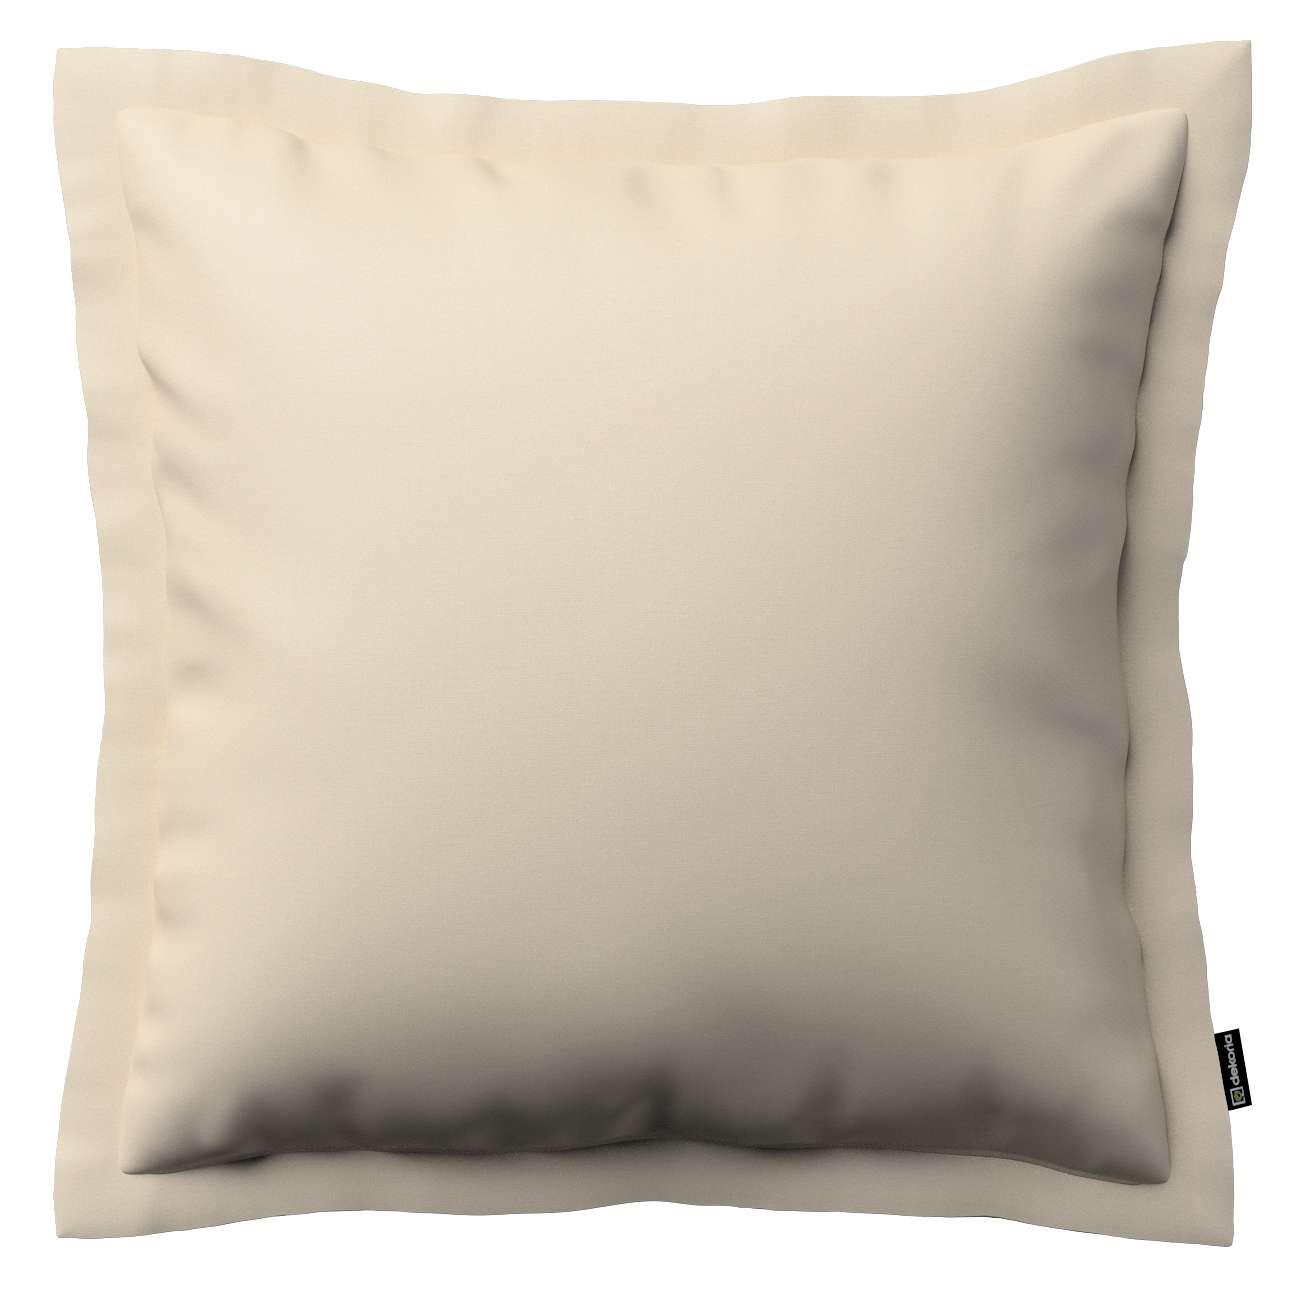 Mona dekoratyvinių pagalvėlių užvalkalas su sienele kolekcijoje Damasco, audinys: 141-73